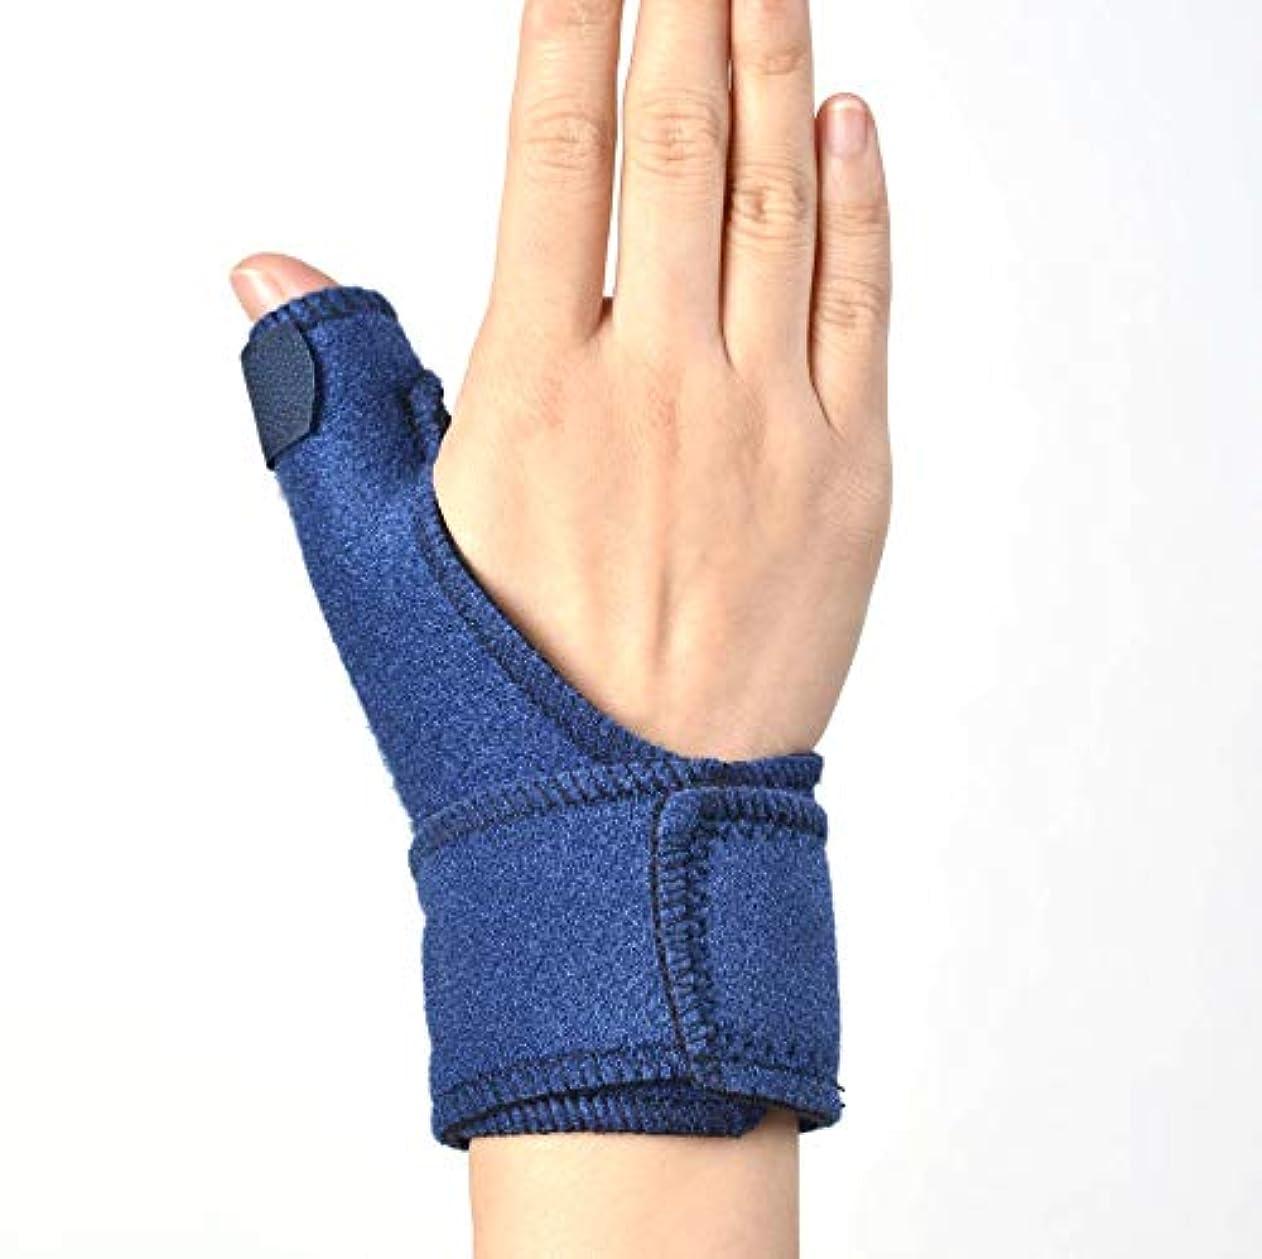 スペース成功装備する親指スプリント、マジックテープ調節可能な親指サポートブレースとガード腱炎 - 指スプリント親指固定具は左右の手にフィット